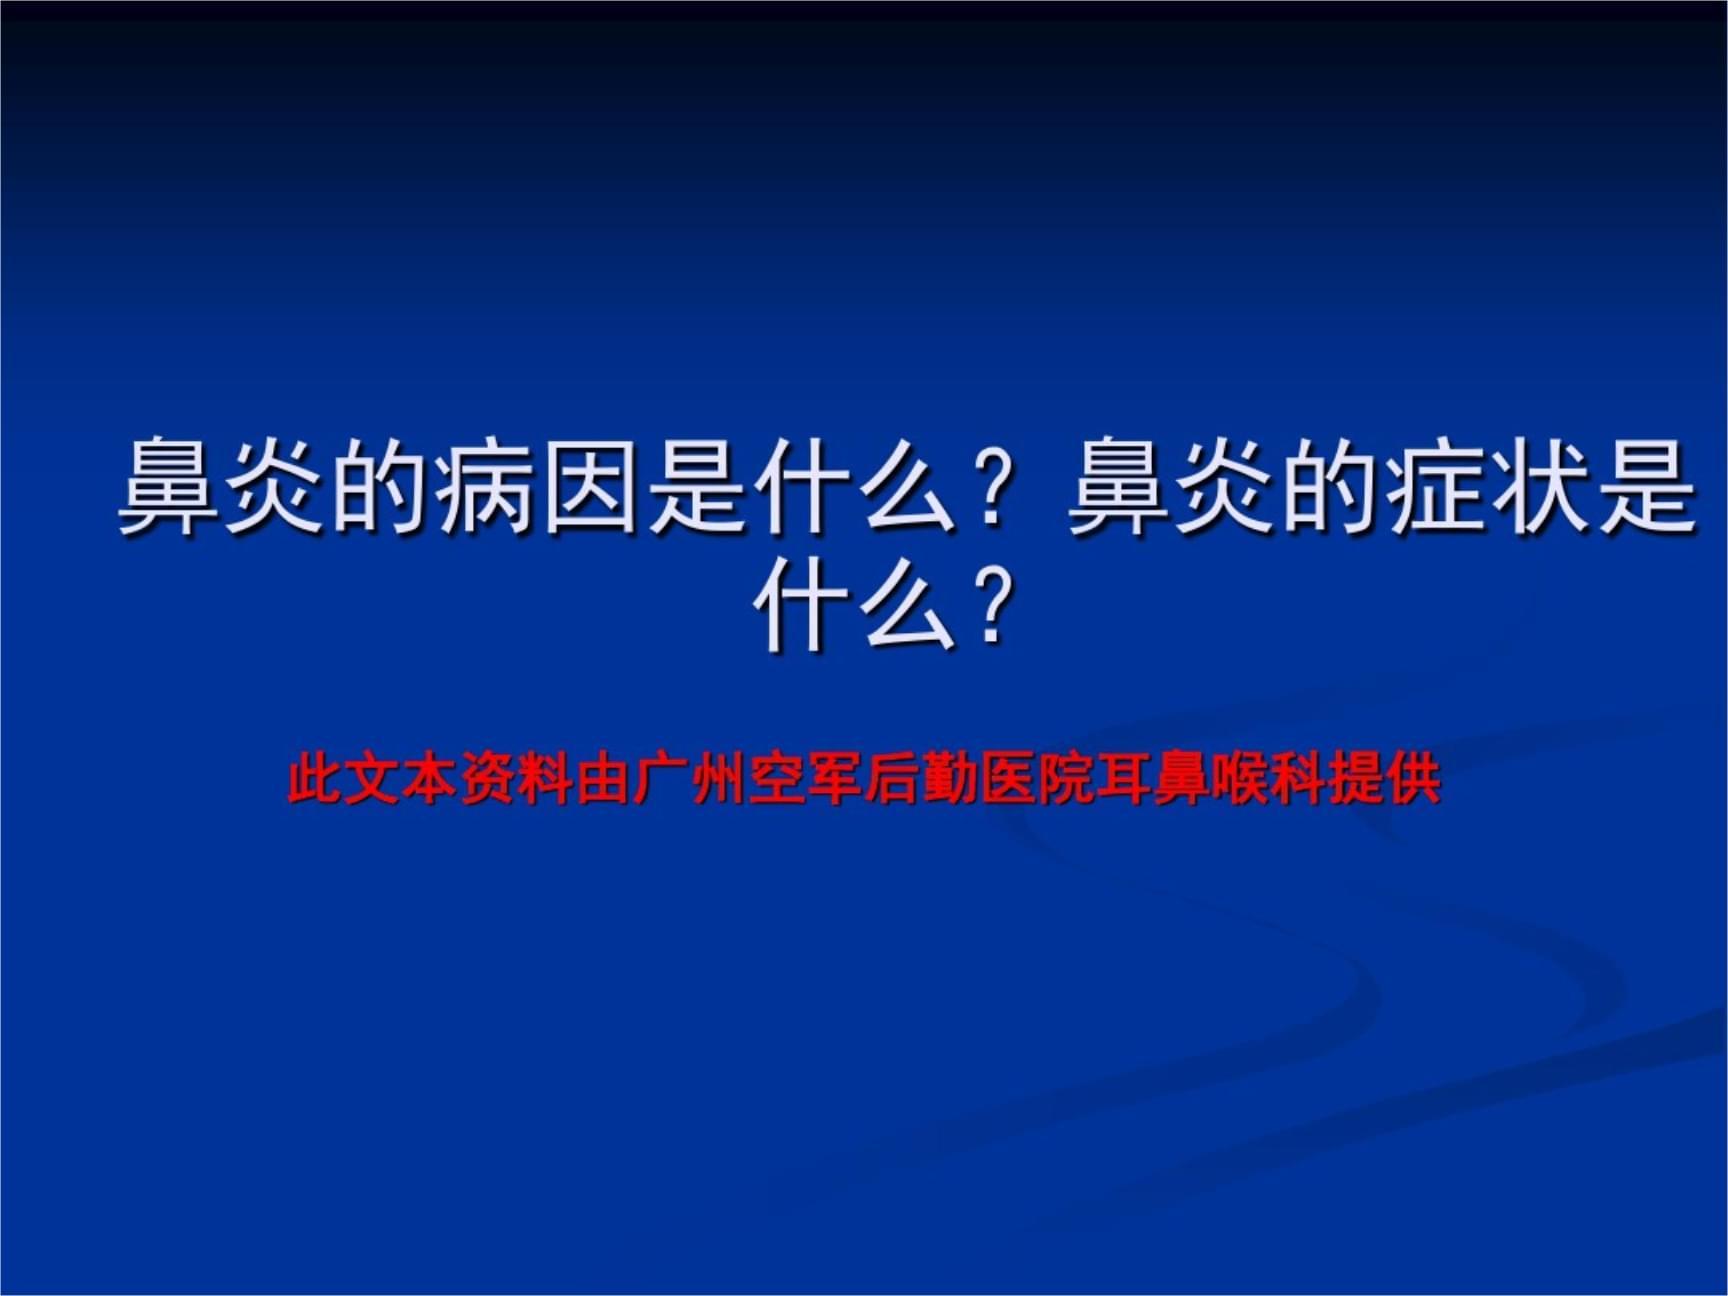 鼻炎的病因是什么?鼻炎的症状是什么?_5179.pptx